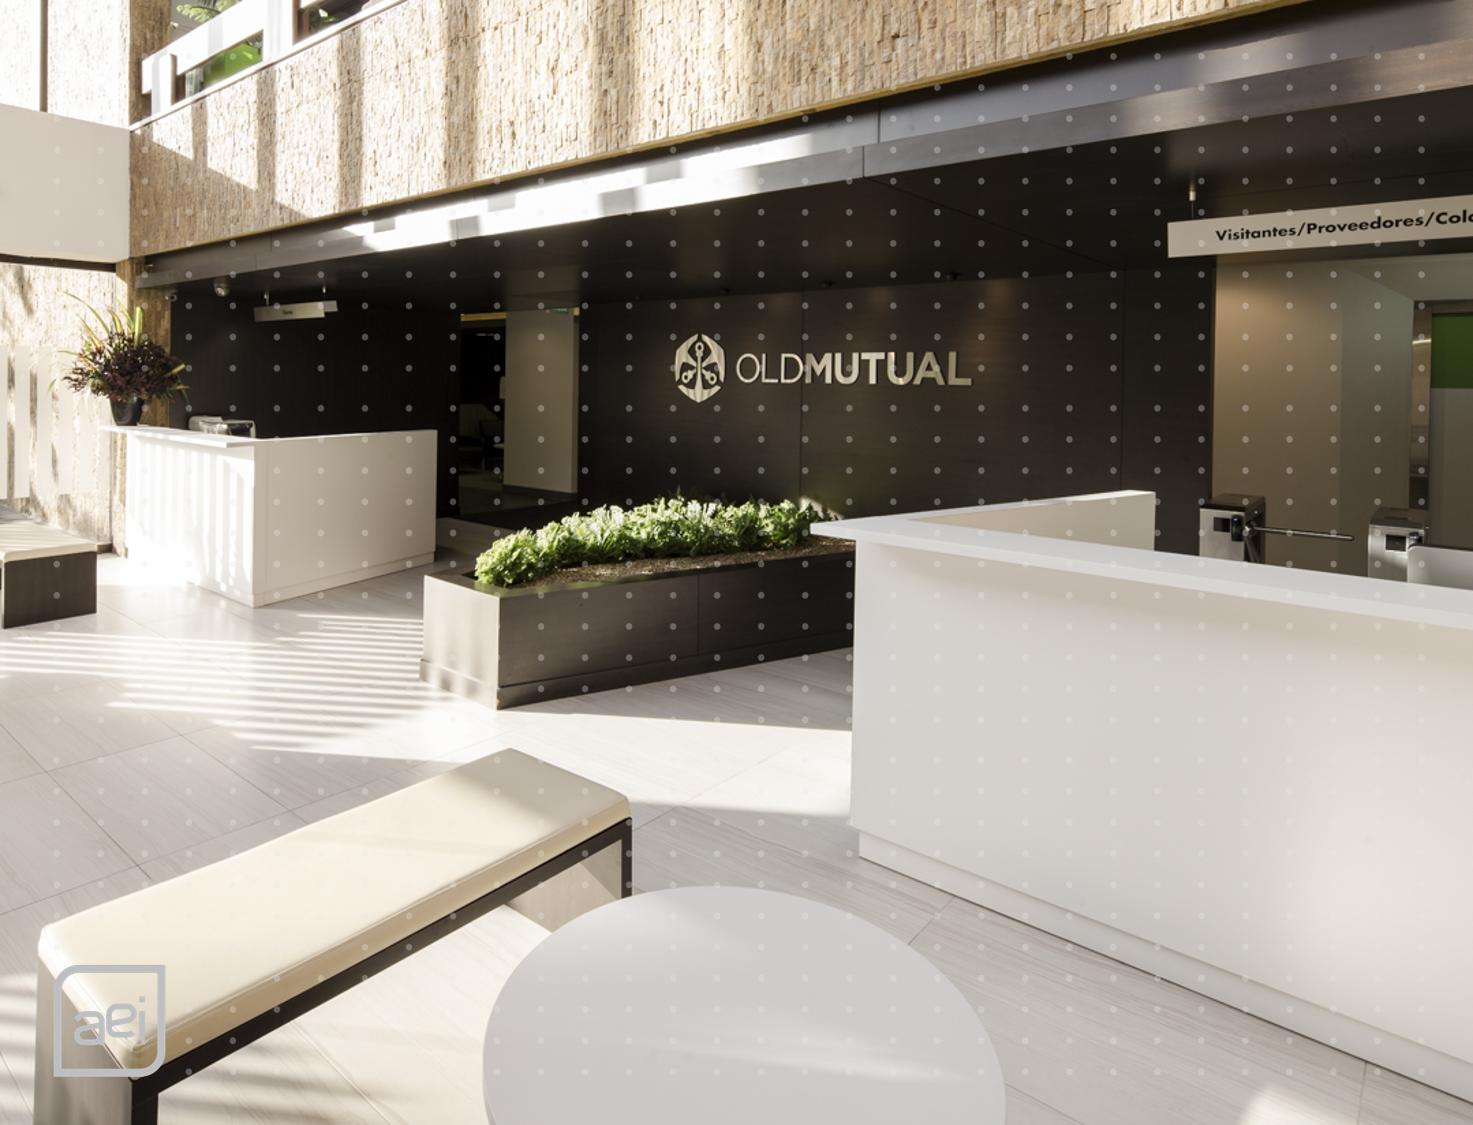 Oficinas De Old Mutual En Bogot Dise O Y Construccion